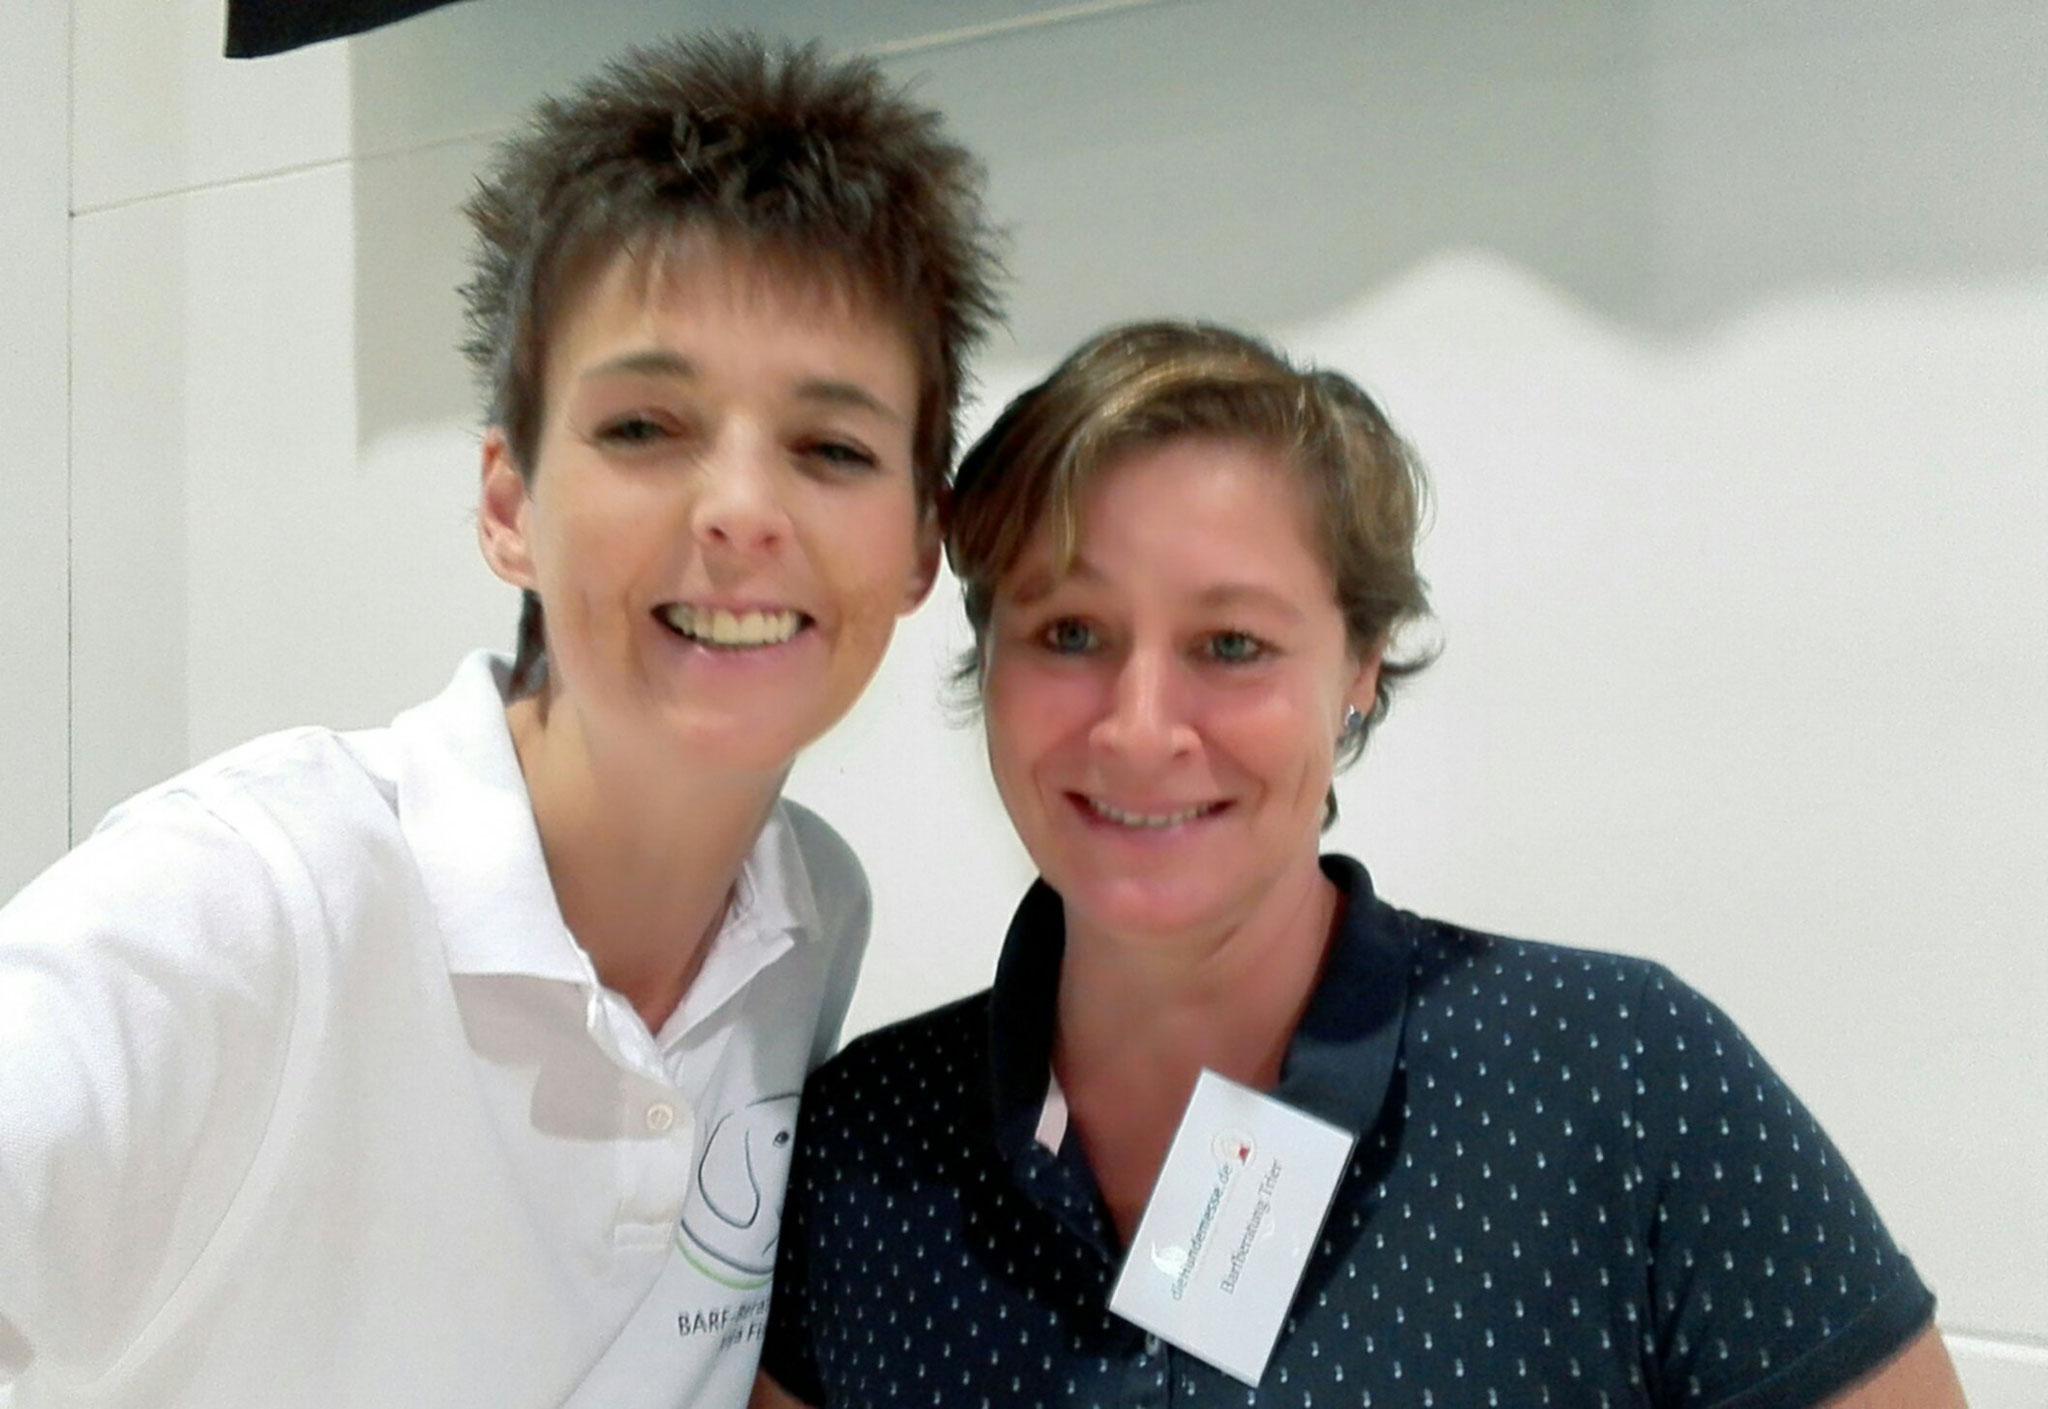 Meine liebe Kollegin Andrea Franz hat mich am Infostand unterstützt!